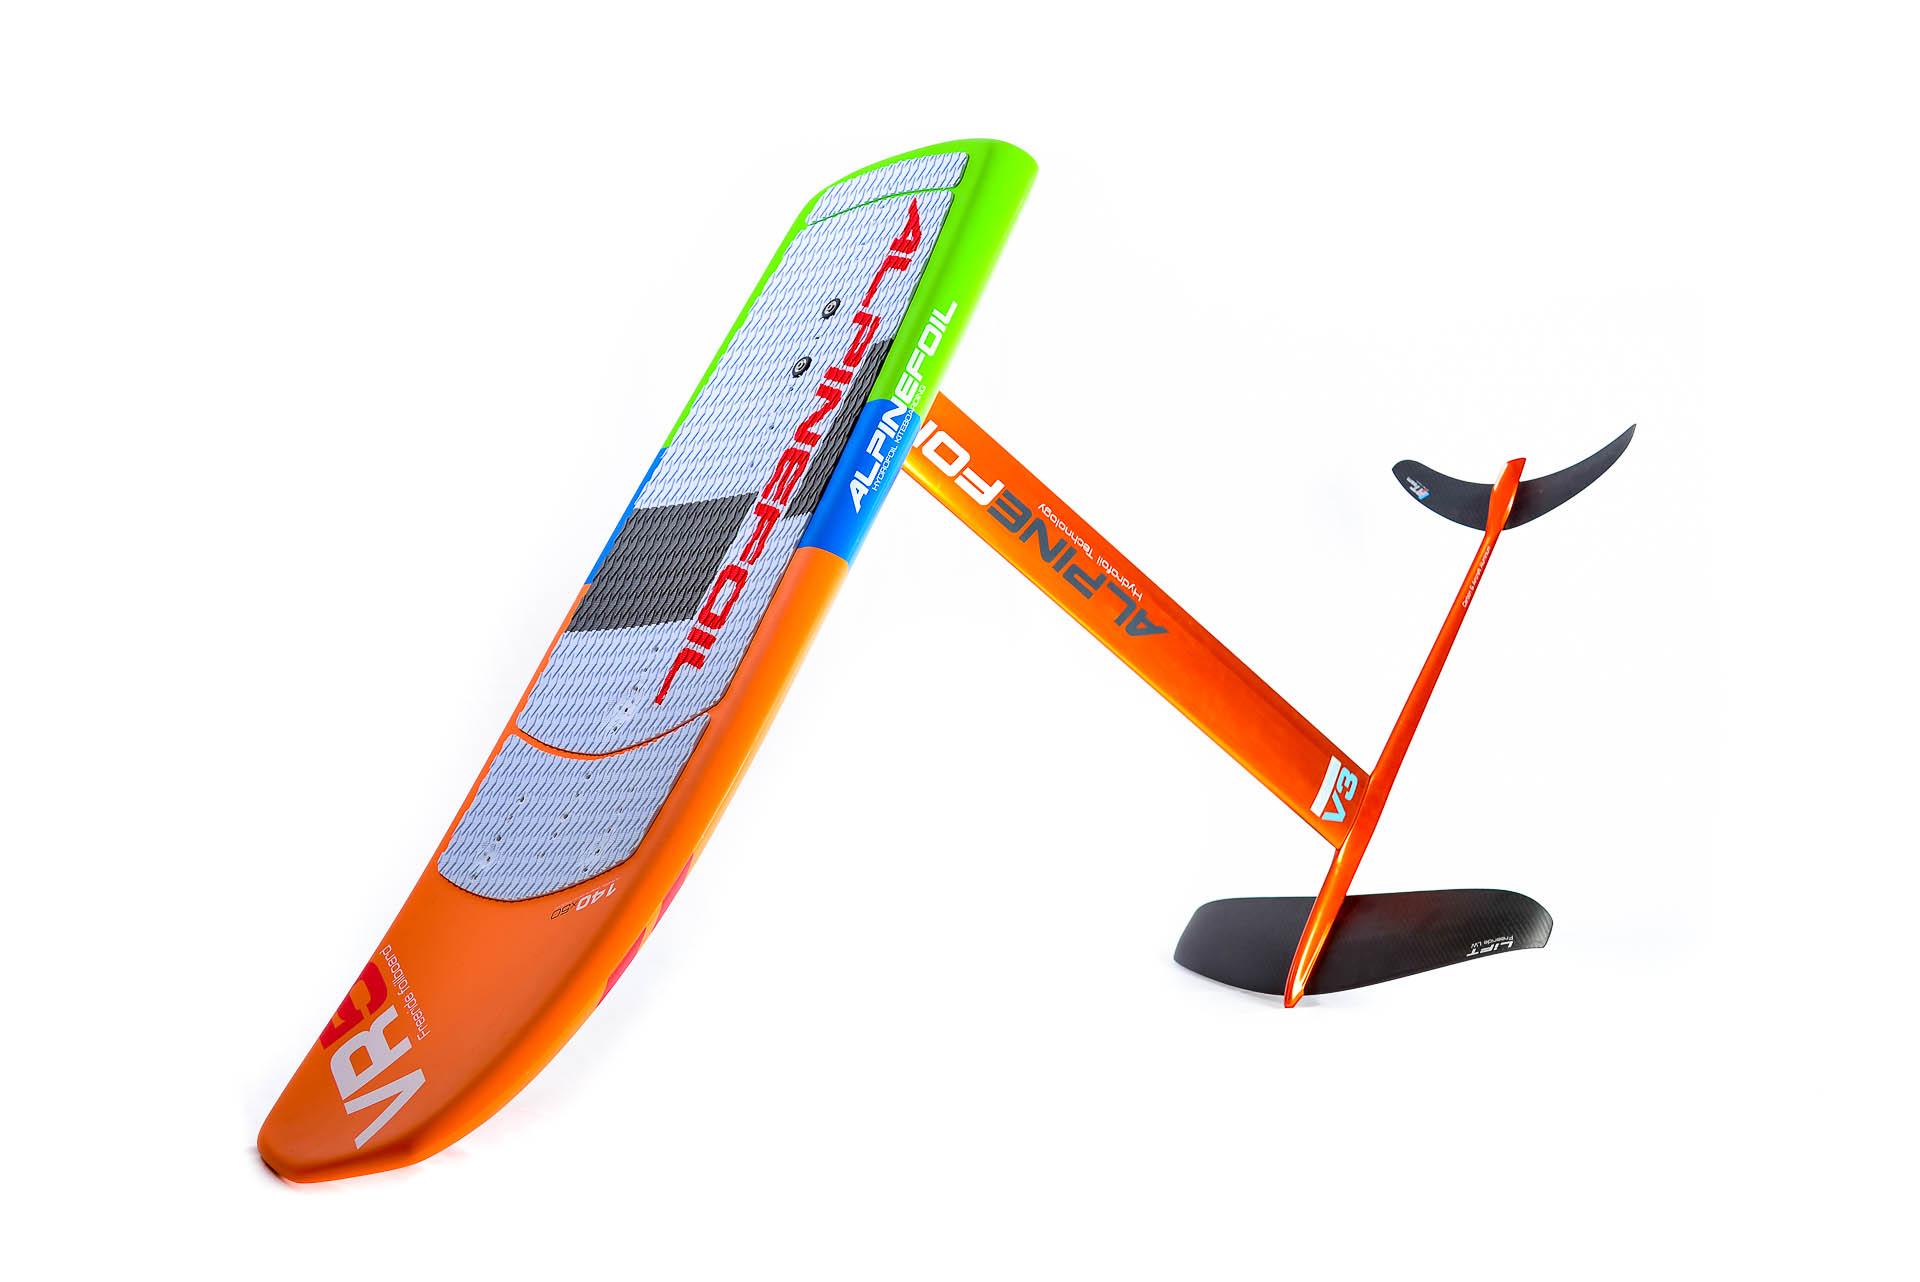 Kitefoil board alpinefoil 8846